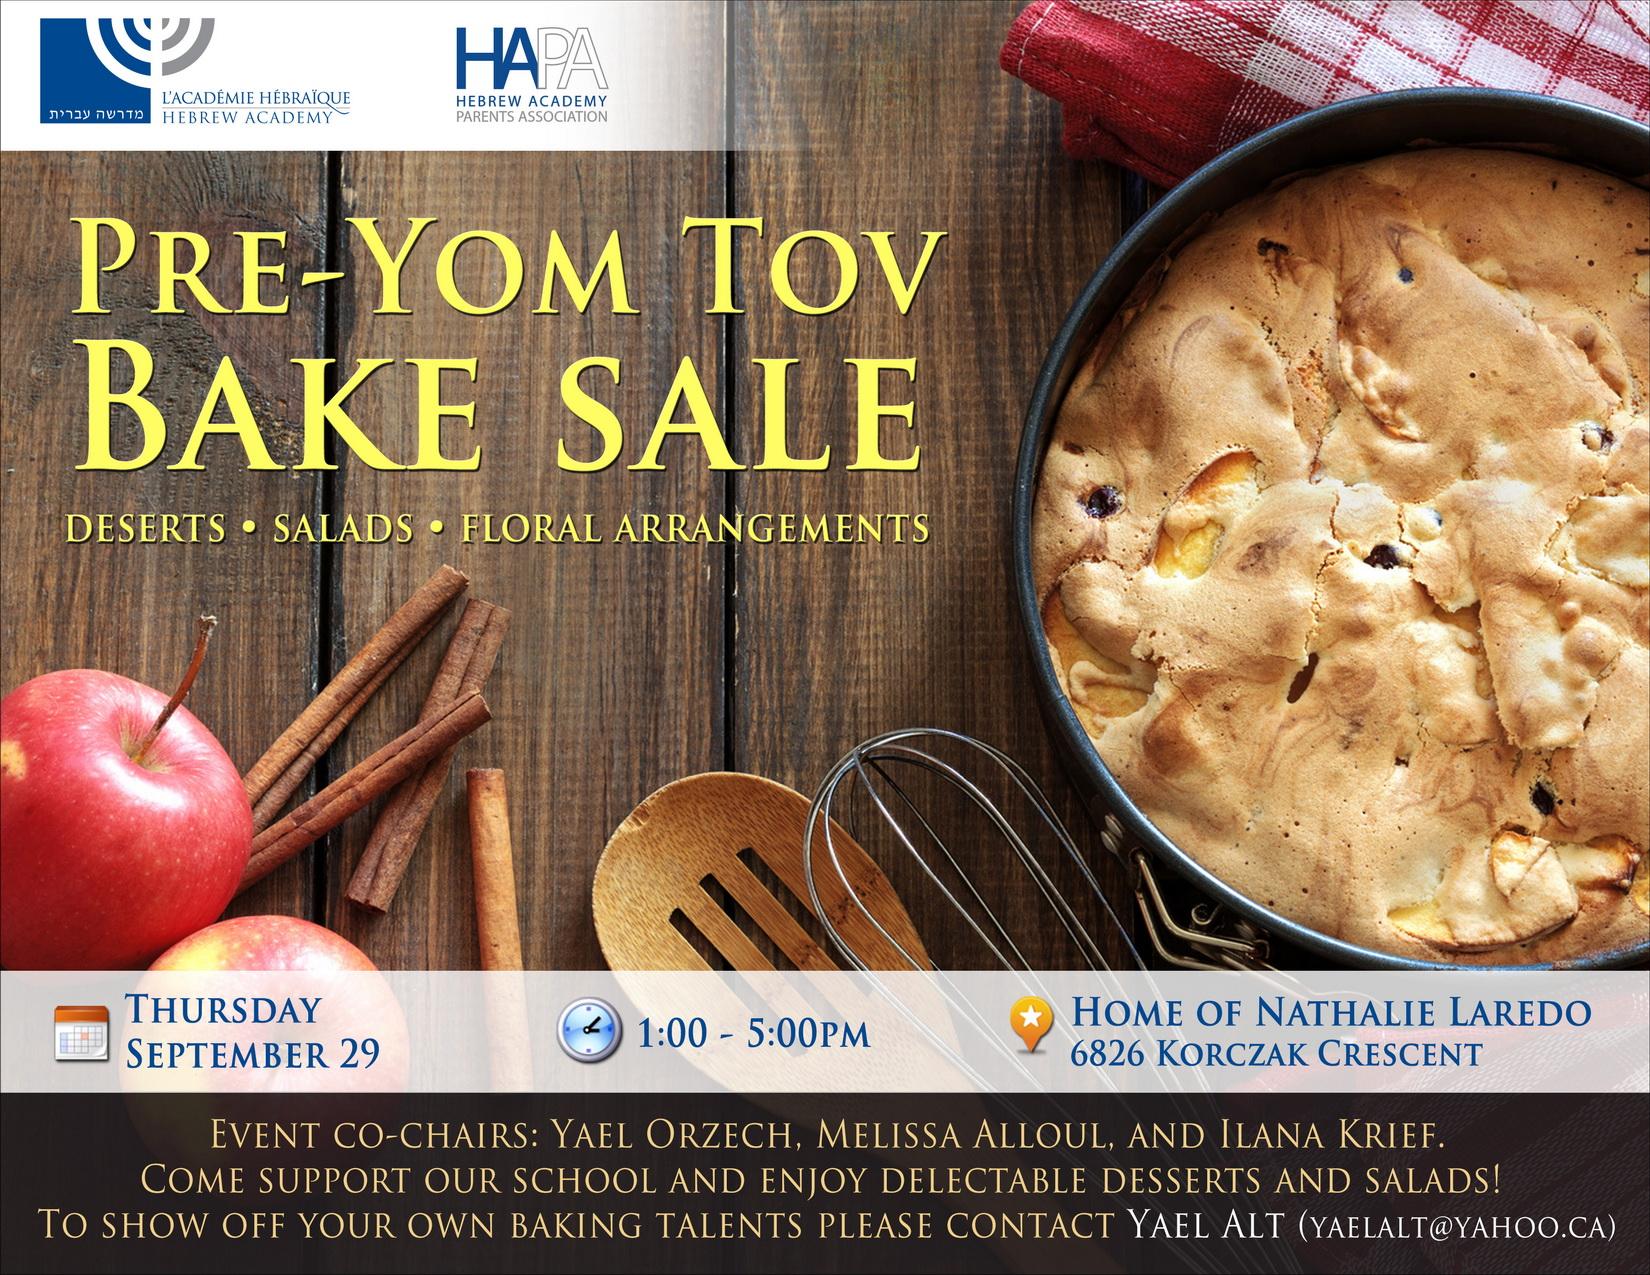 HAPA Bake Sale